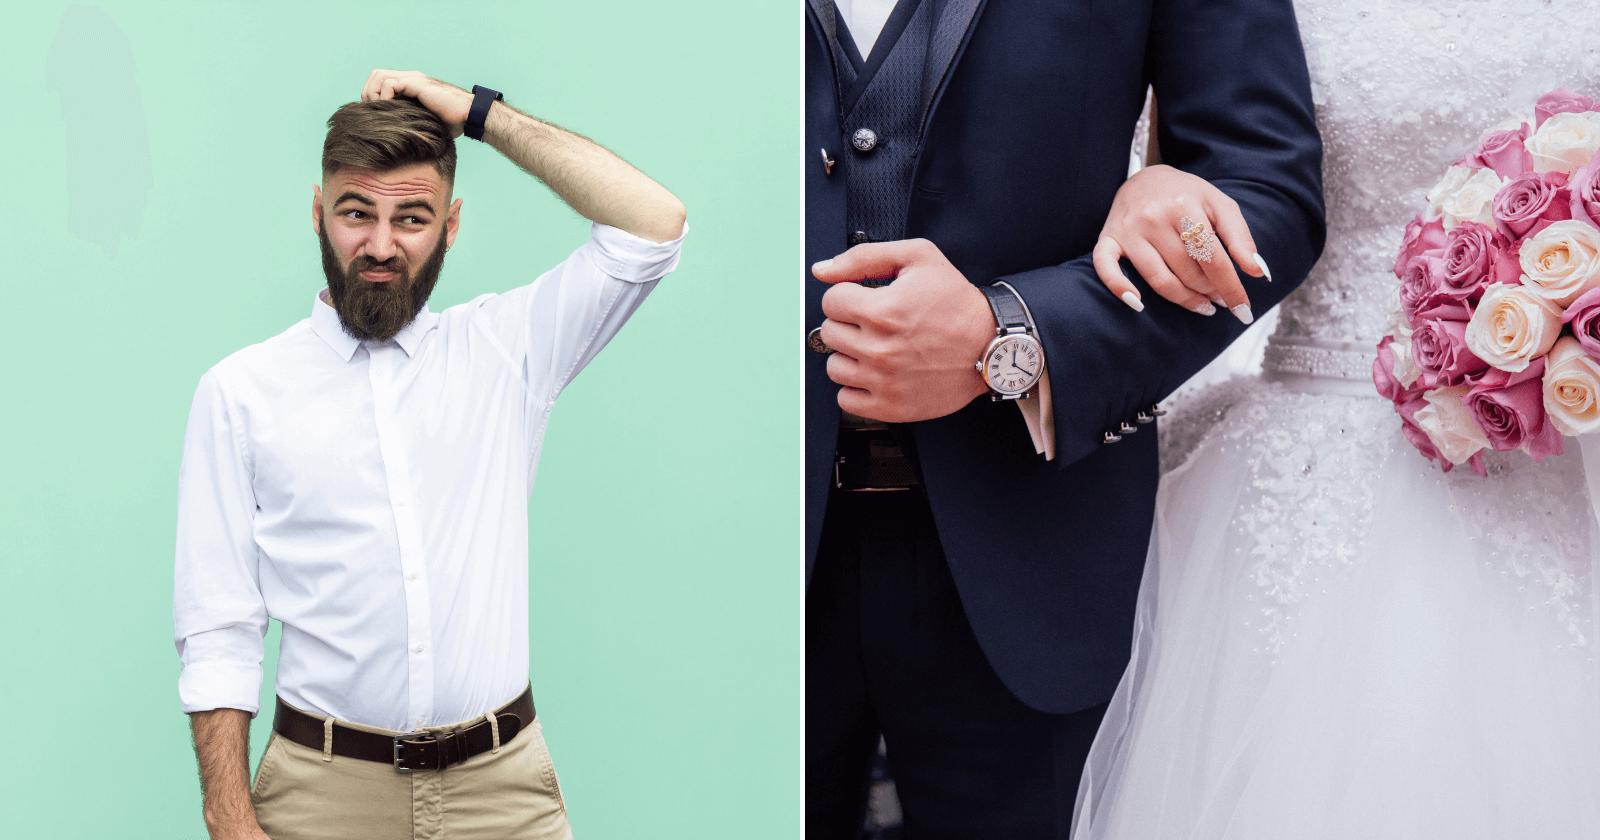 Quem tem mais medo de compromisso sério: homem ou mulher?